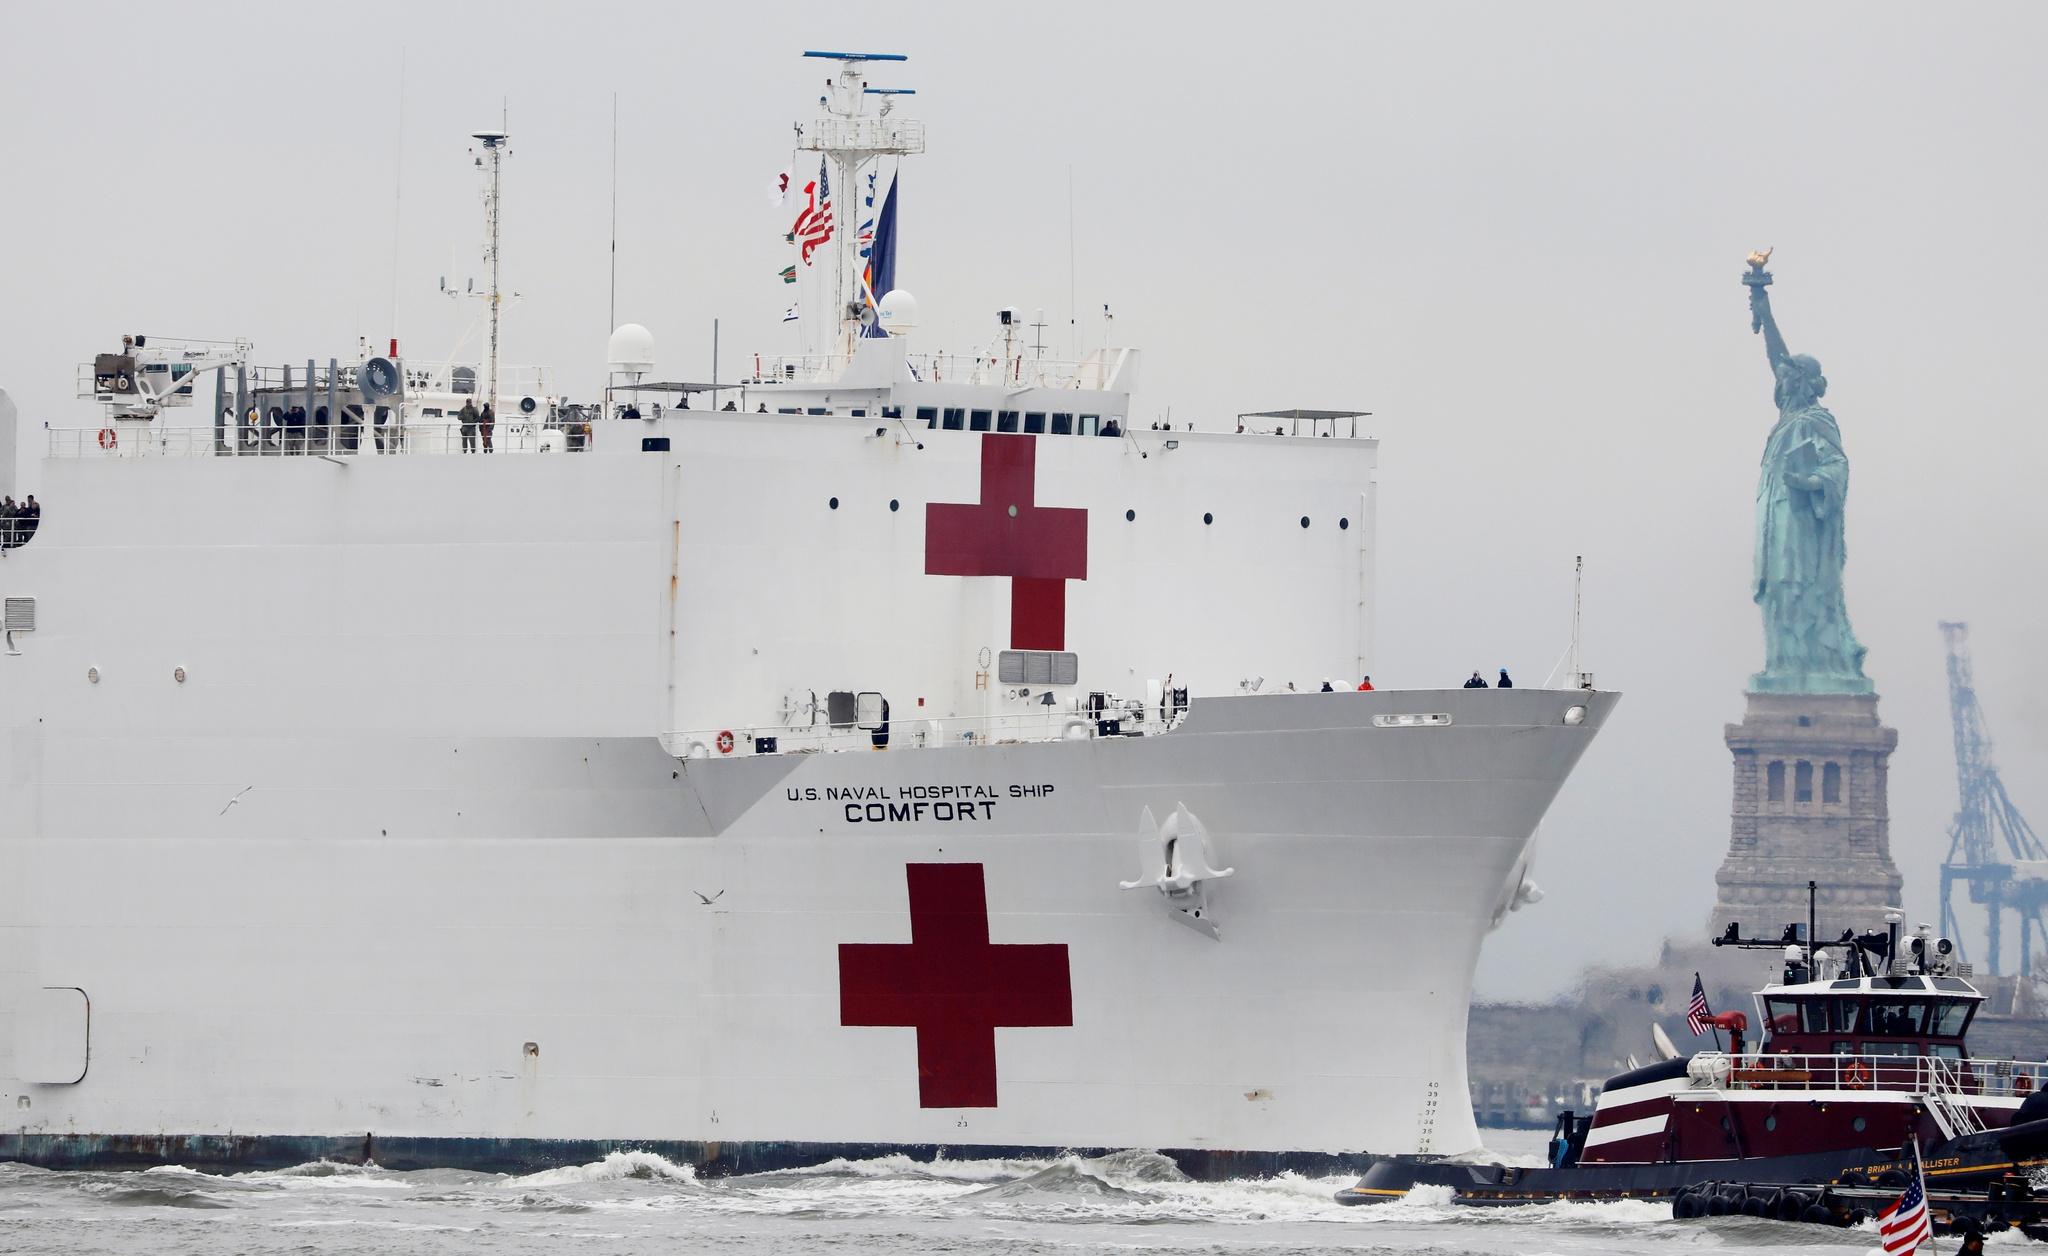 Navio-hospital <i>USNS Comfort</i> em Nova Iorque para ajudar a combater a covid-19